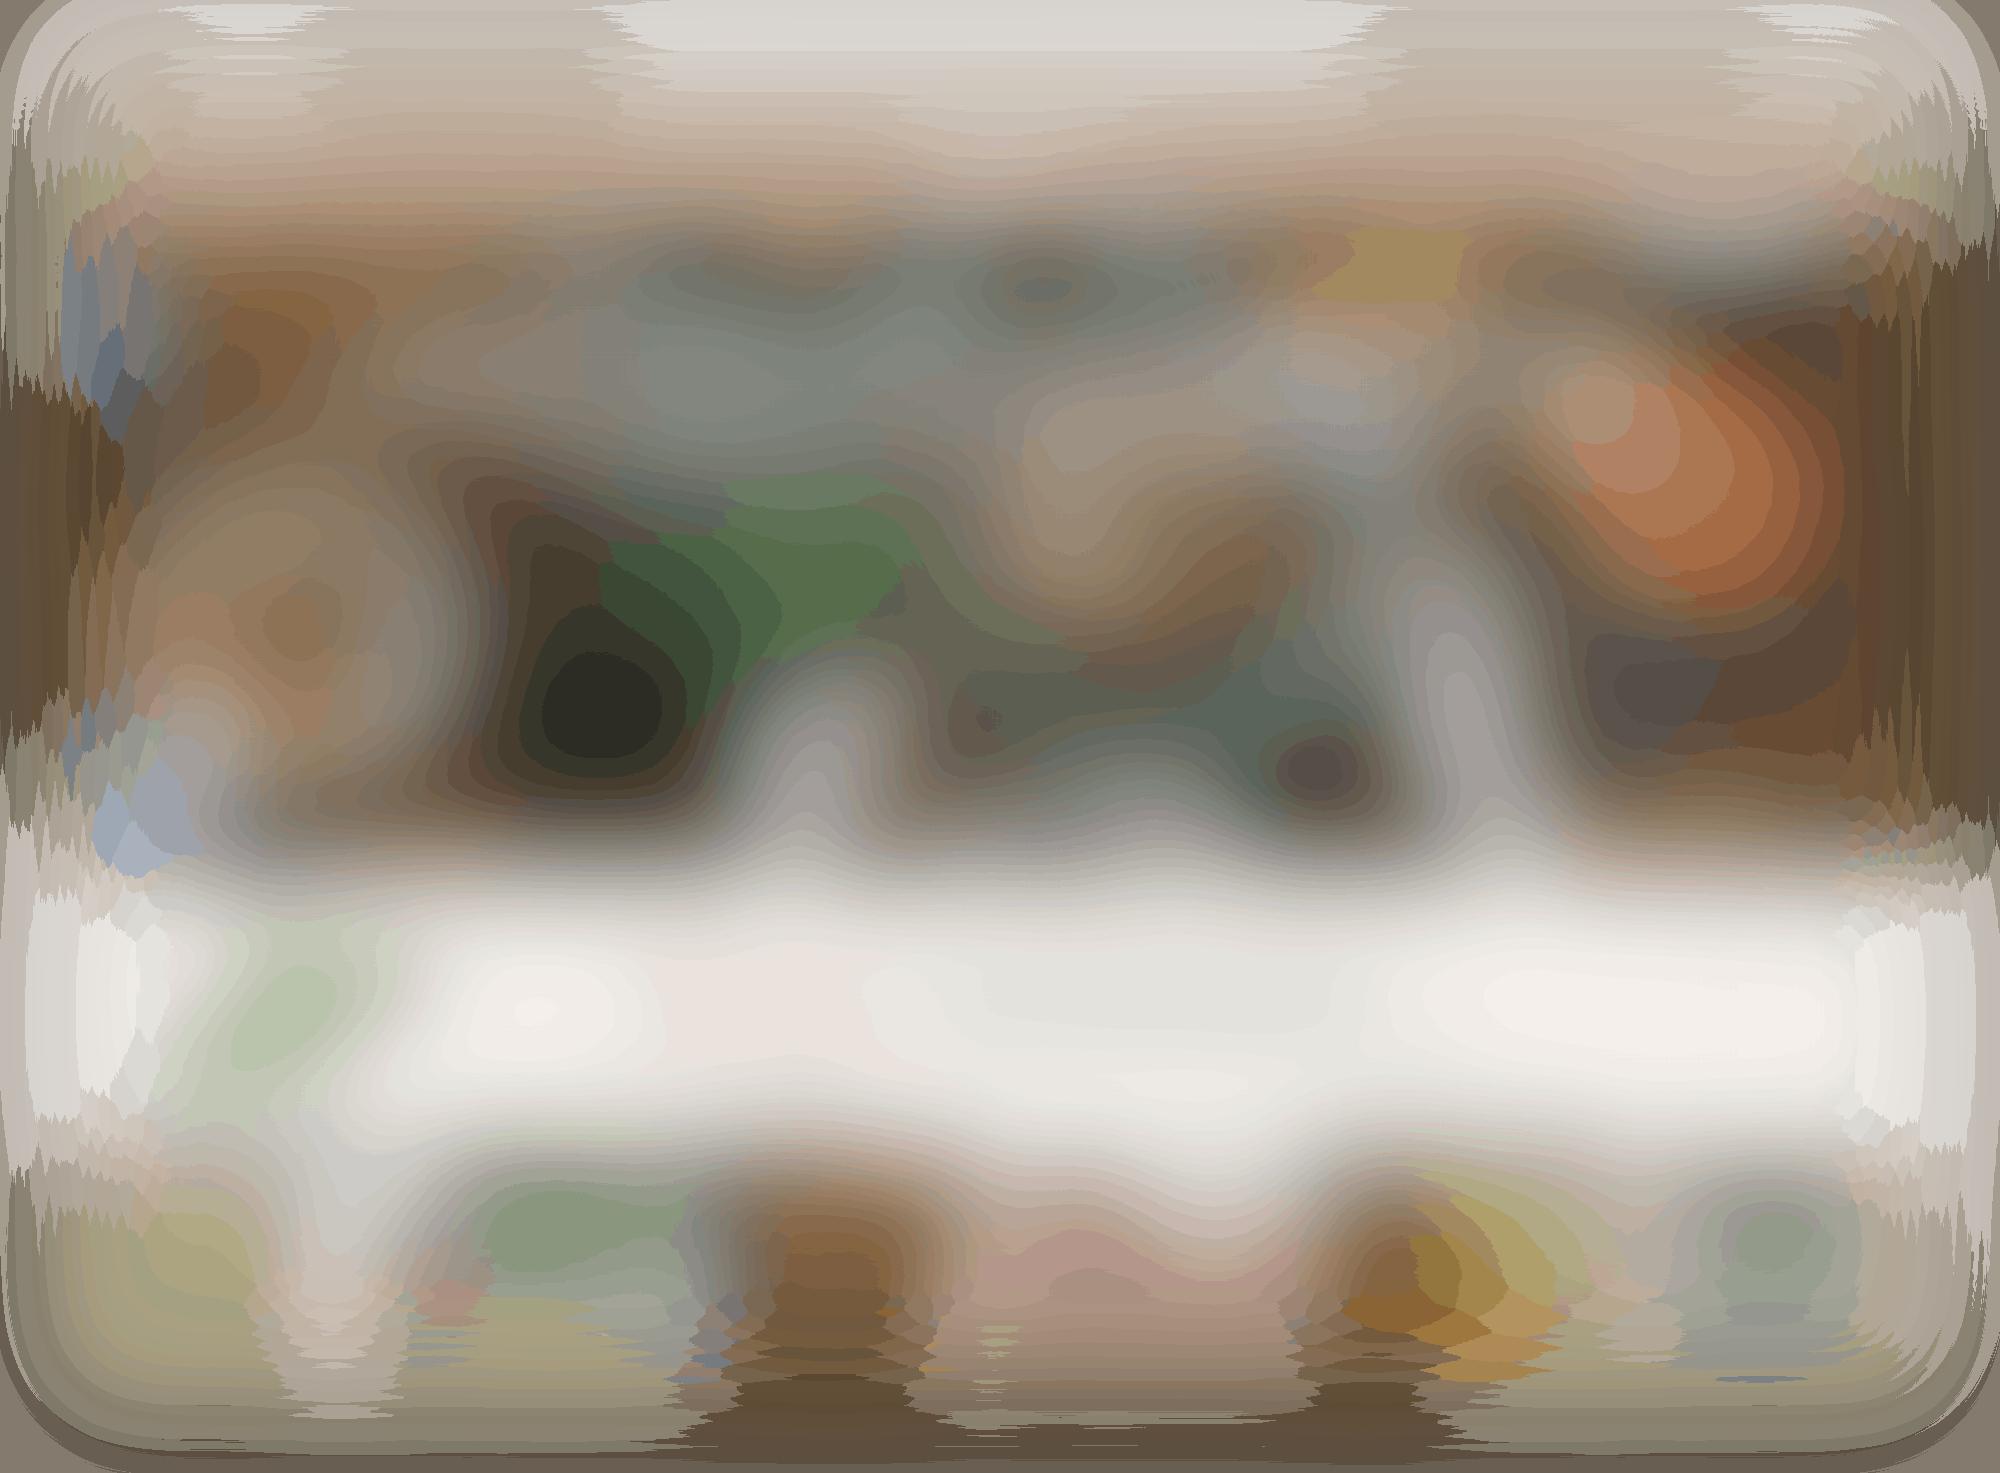 Screen Shot 2017 10 09 at 17 12 32 autocompressfitresizeixlibphp 1 1 0max h2000max w3 D2000q80s3a5db75c0753560ab4fd6a91217f68f7